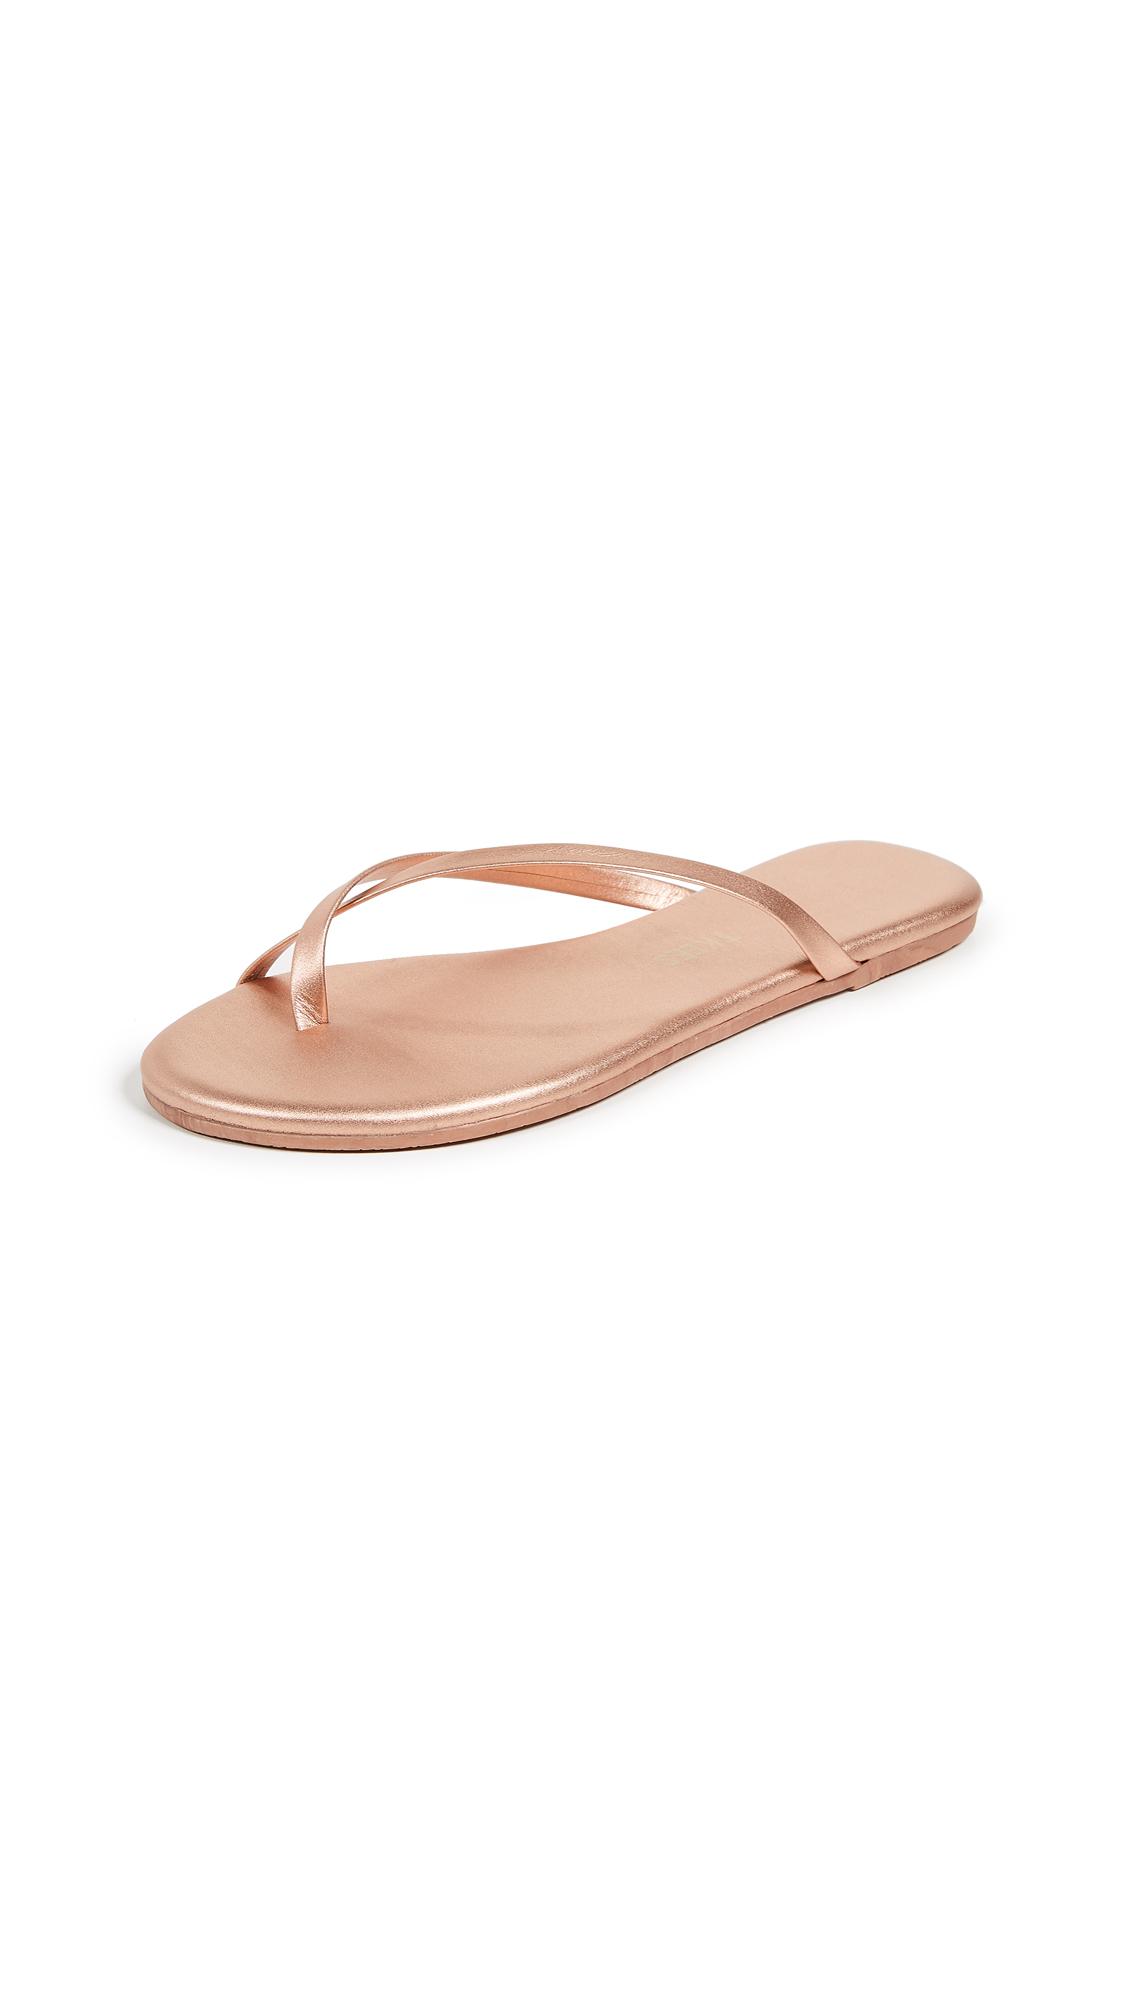 TKEES Riley Flip Flops - Beach Pearl